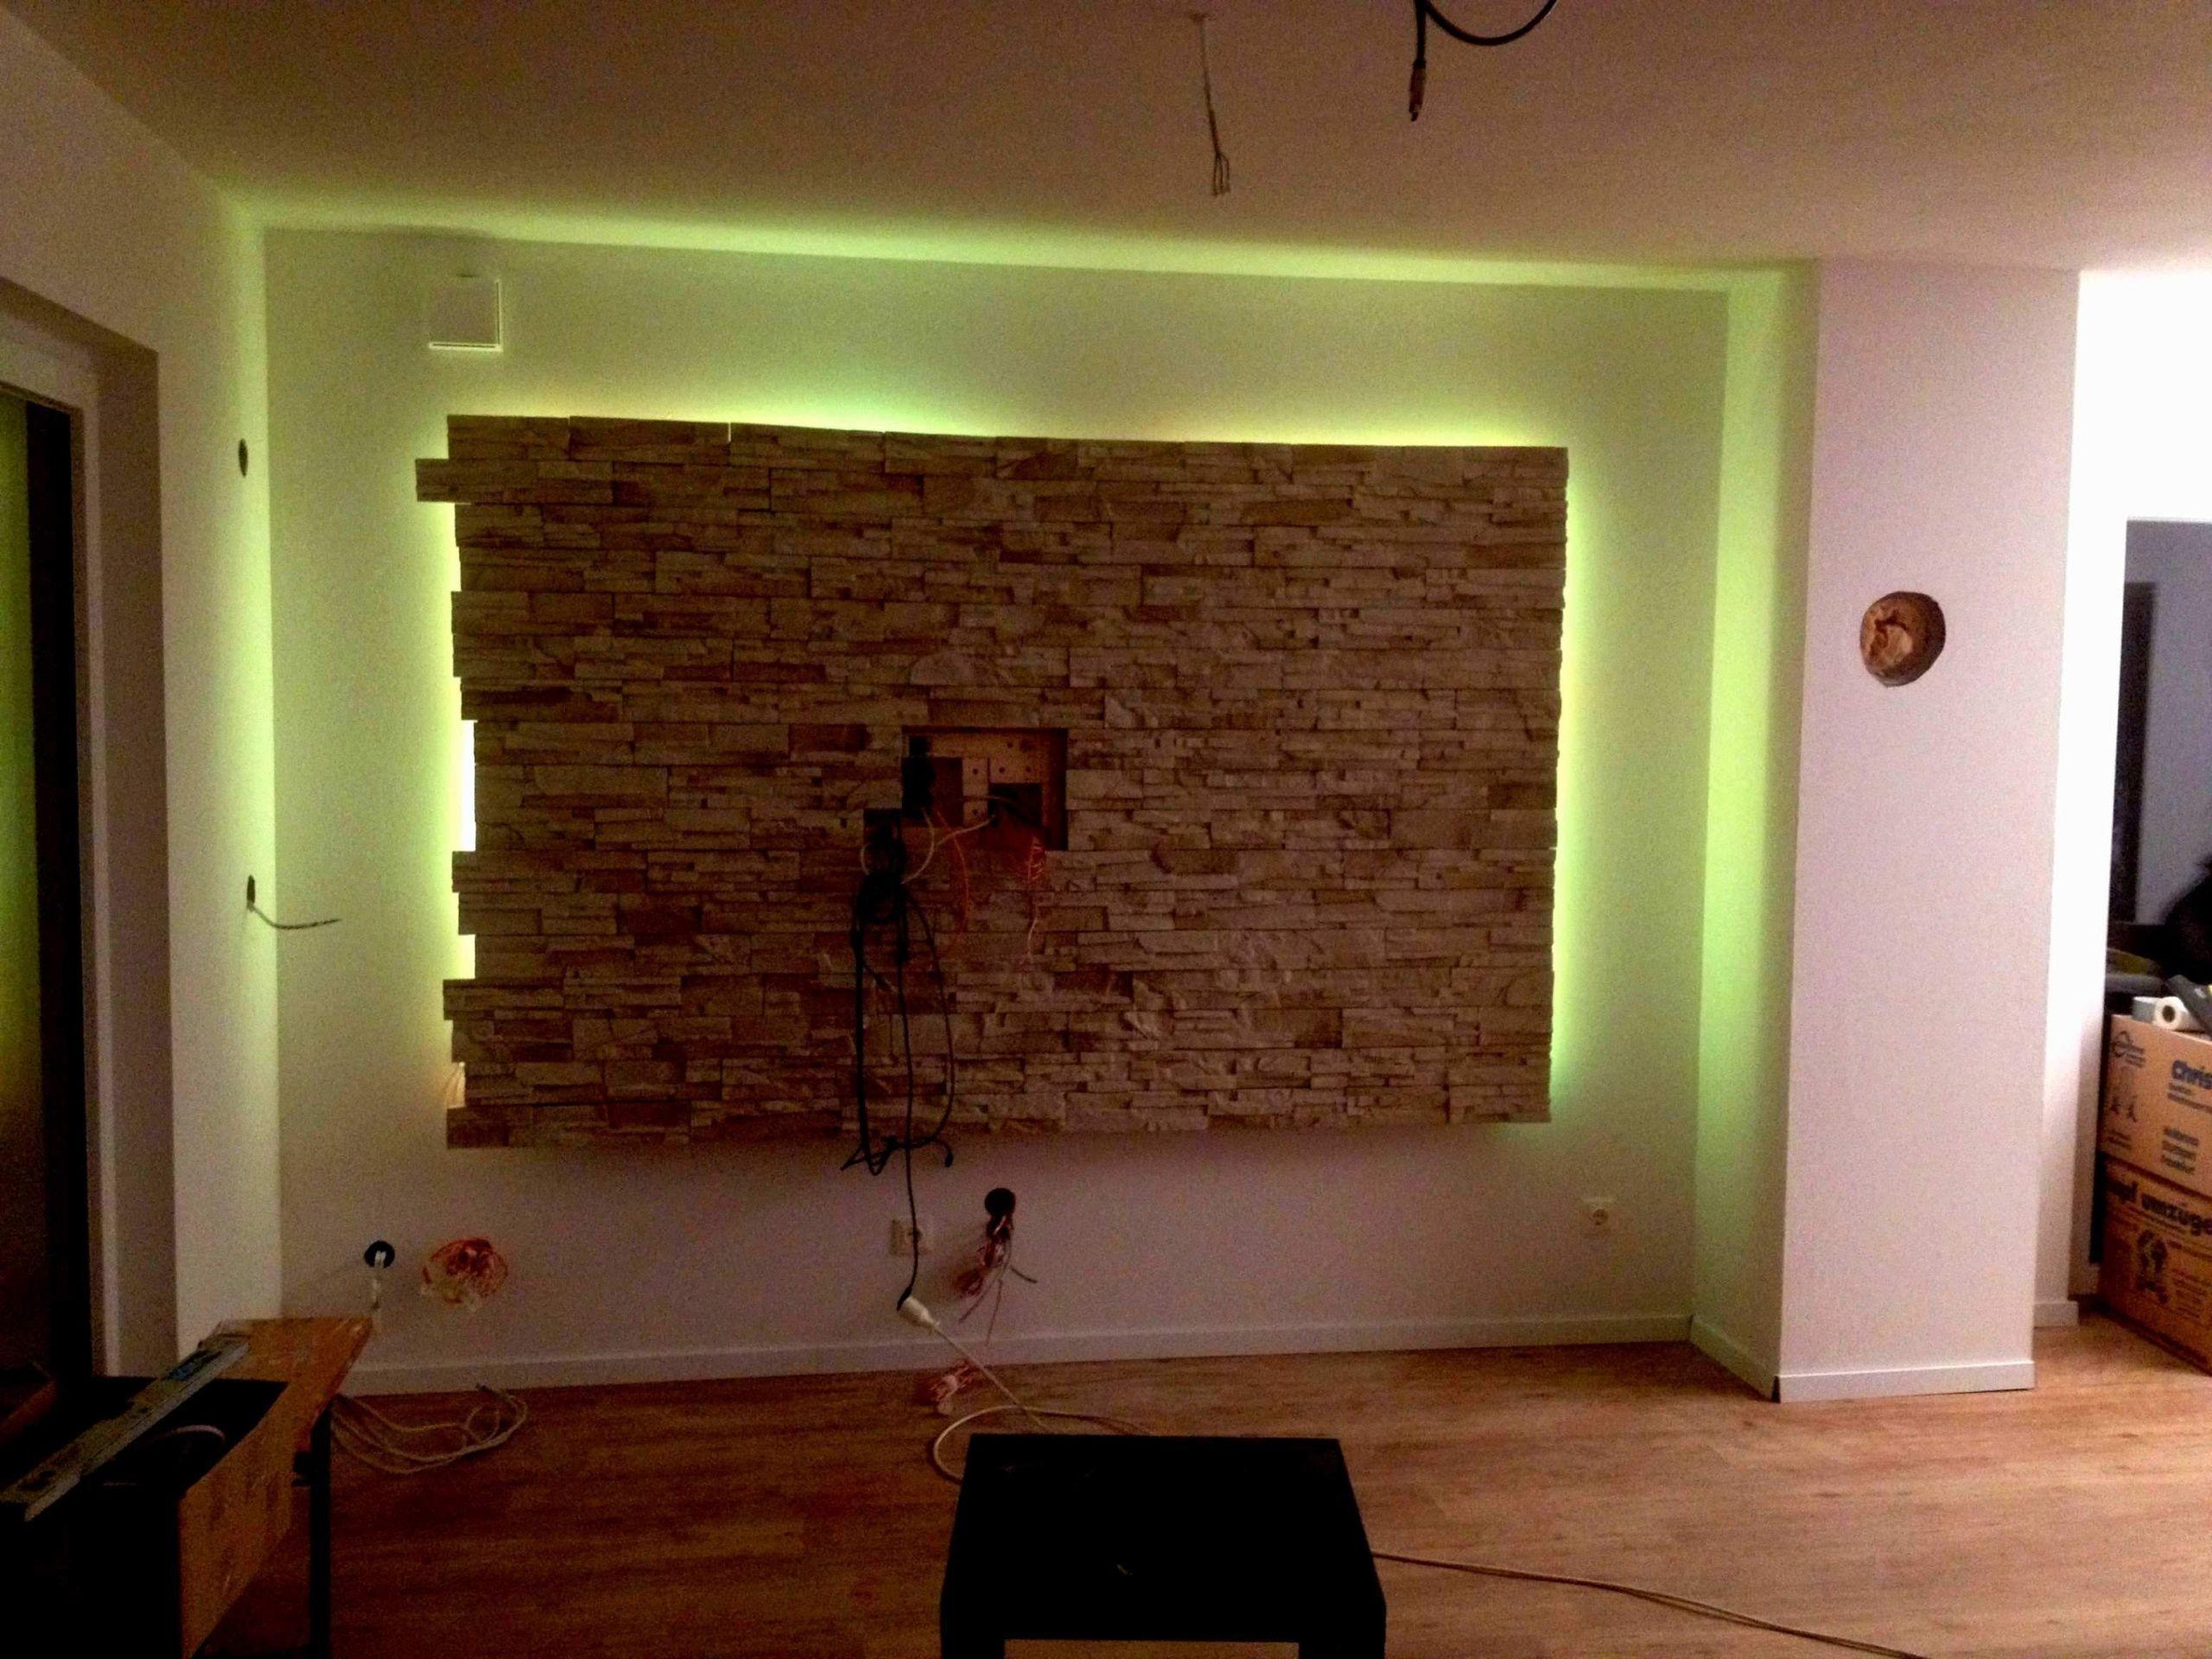 Full Size of Wand Streichen Ideen Wohnzimmer Das Beste Von Wandbelag Küche Wandtattoo Badezimmer Bilder Xxl Vinylboden Deckenleuchte Tapeten Moderne Fürs Wandbilder Wohnzimmer Wohnzimmer Wand Idee